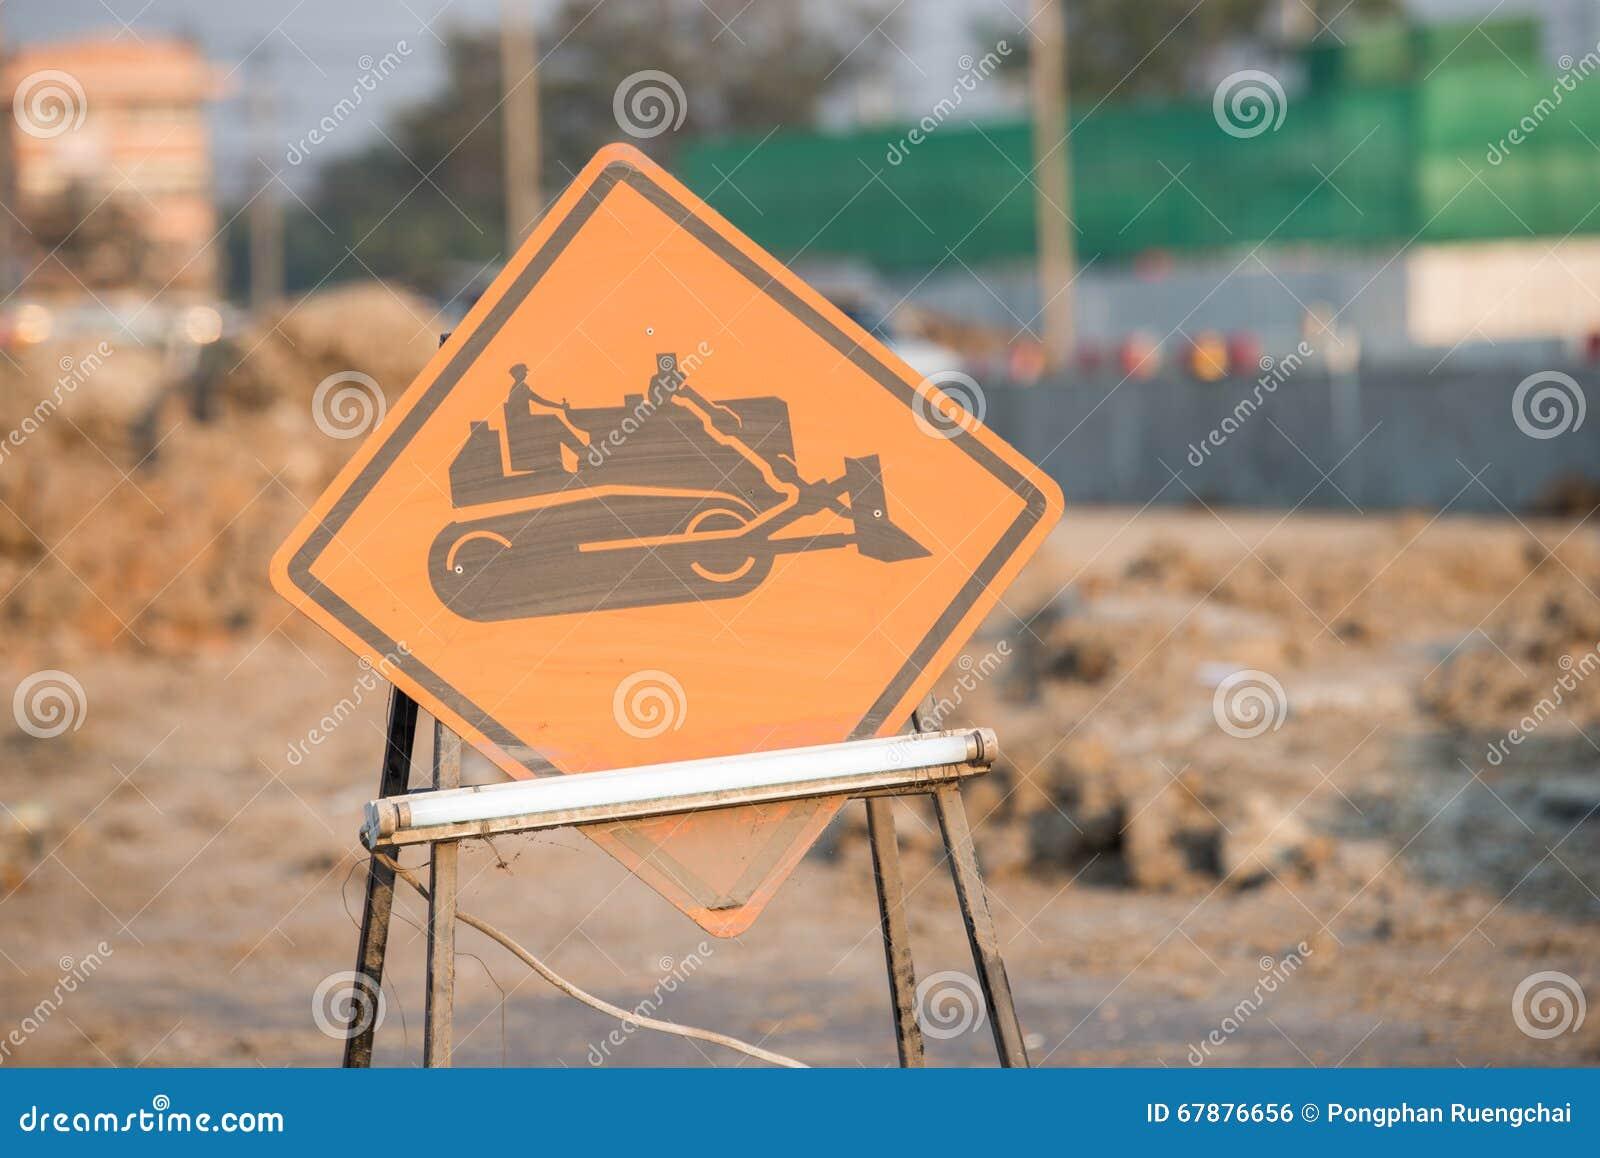 Sinal de aviso de veículos da construção